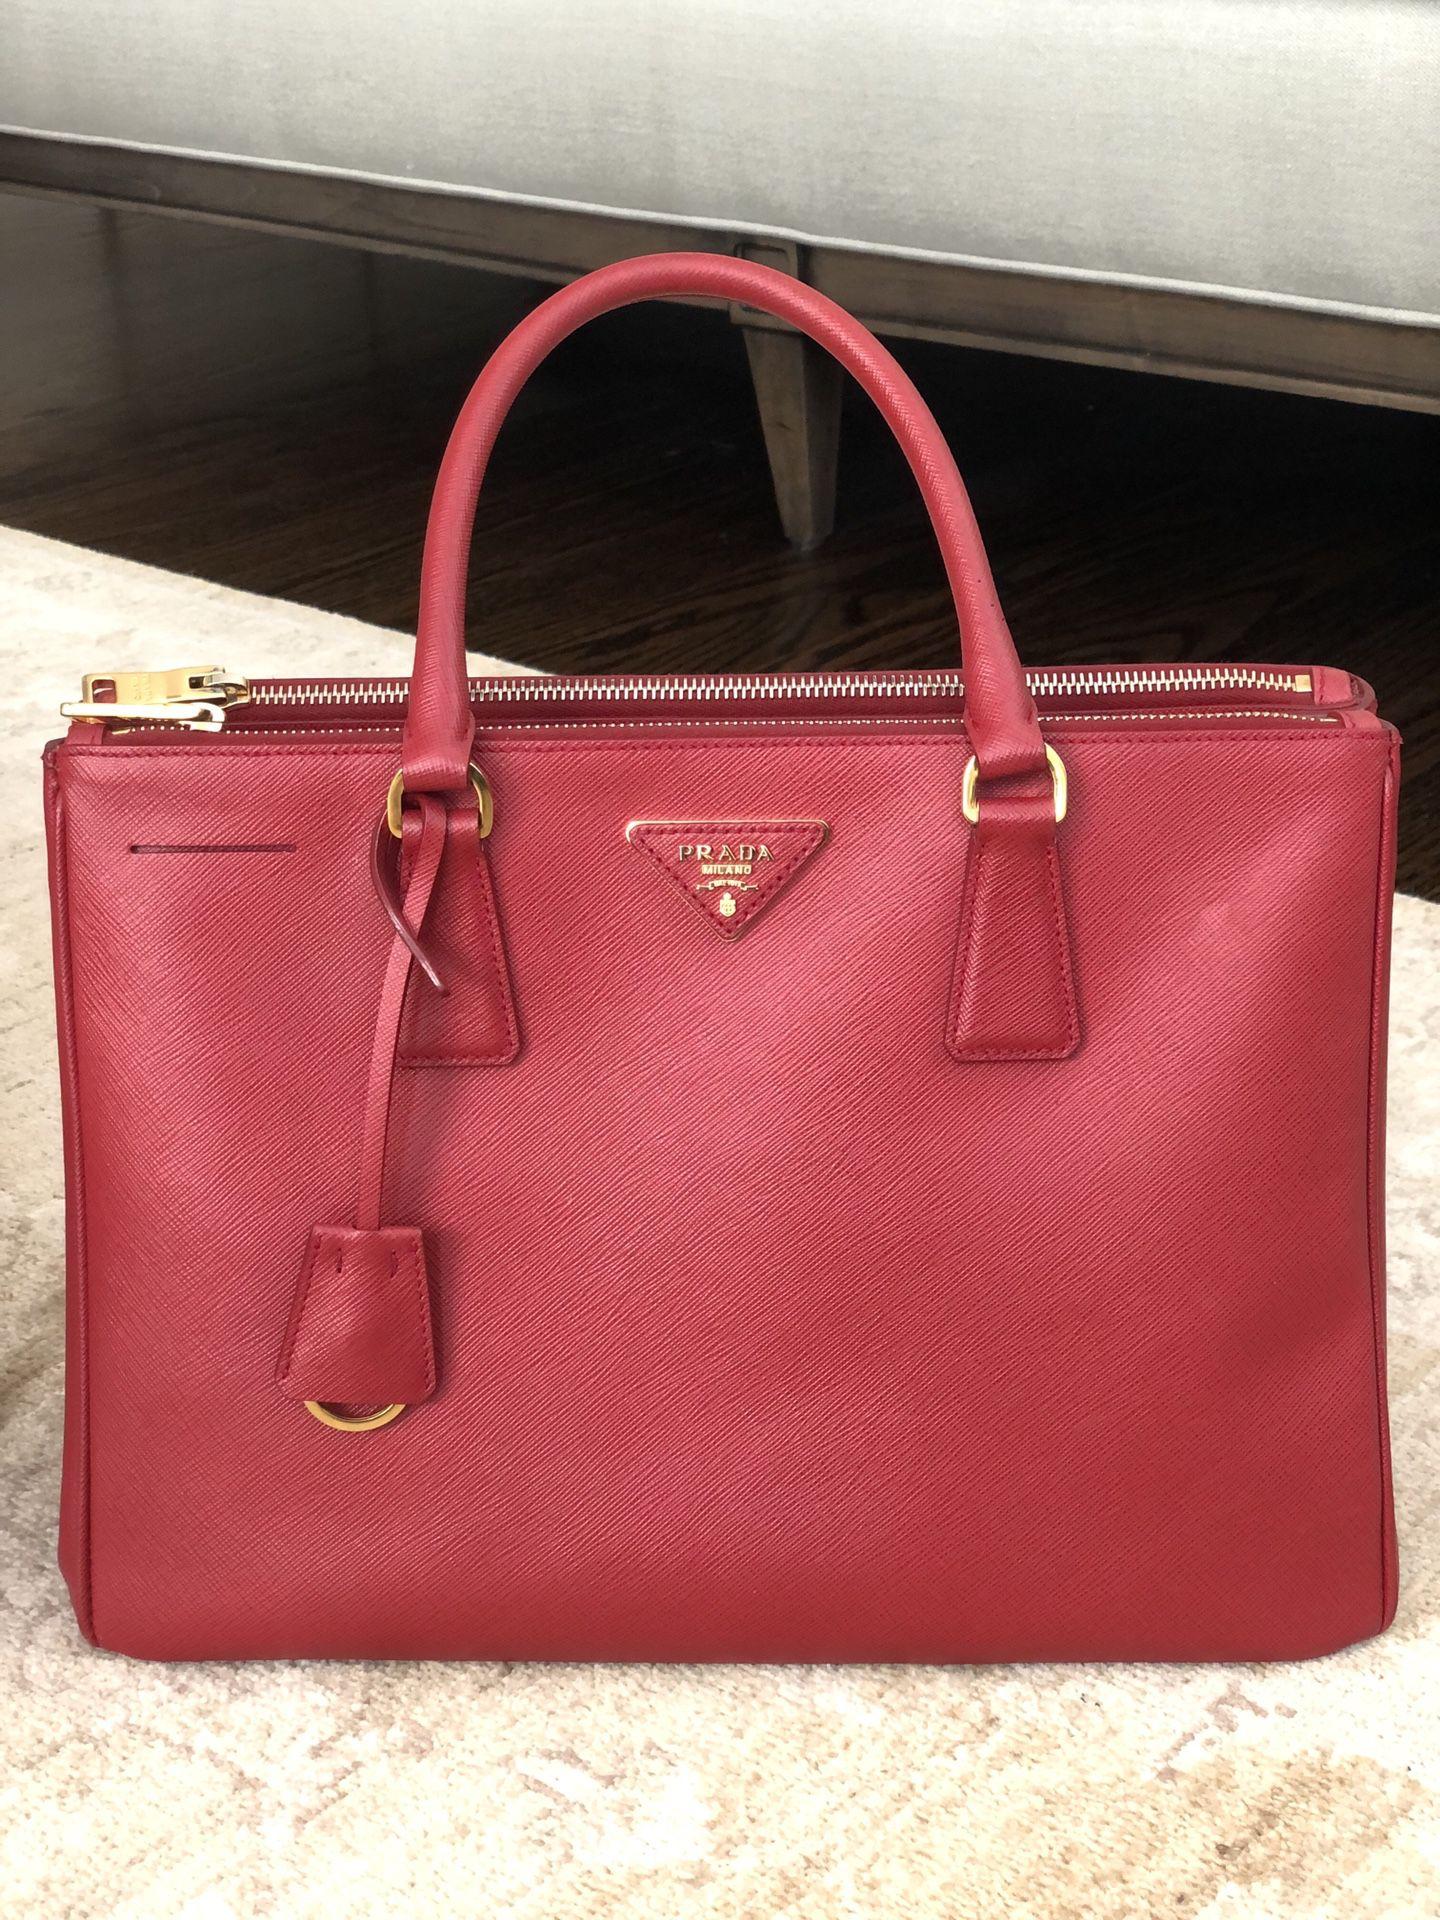 Medium Saffiano Leather Prada Galleria Bag